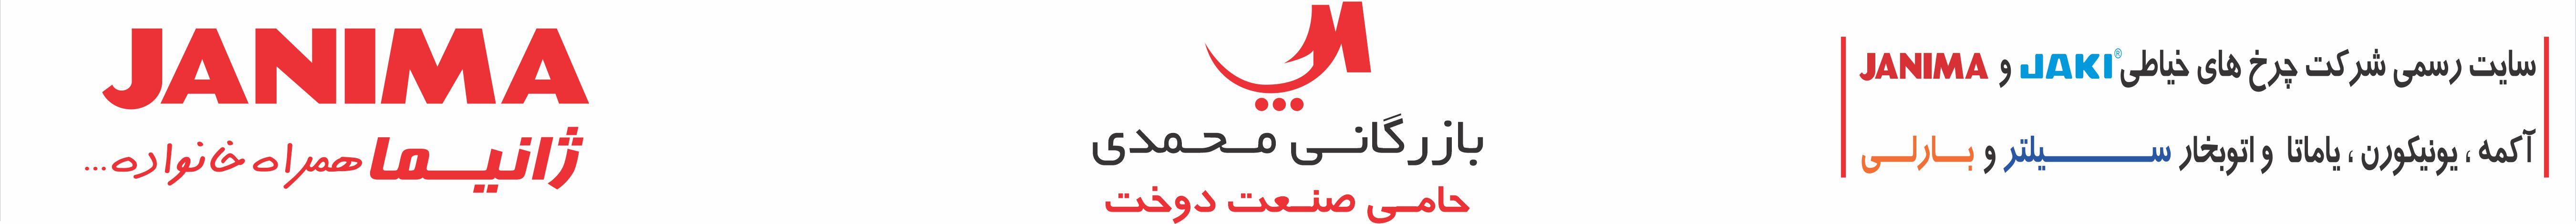 بازرگانی محمدی/فروشگاه جکی و ژانیما